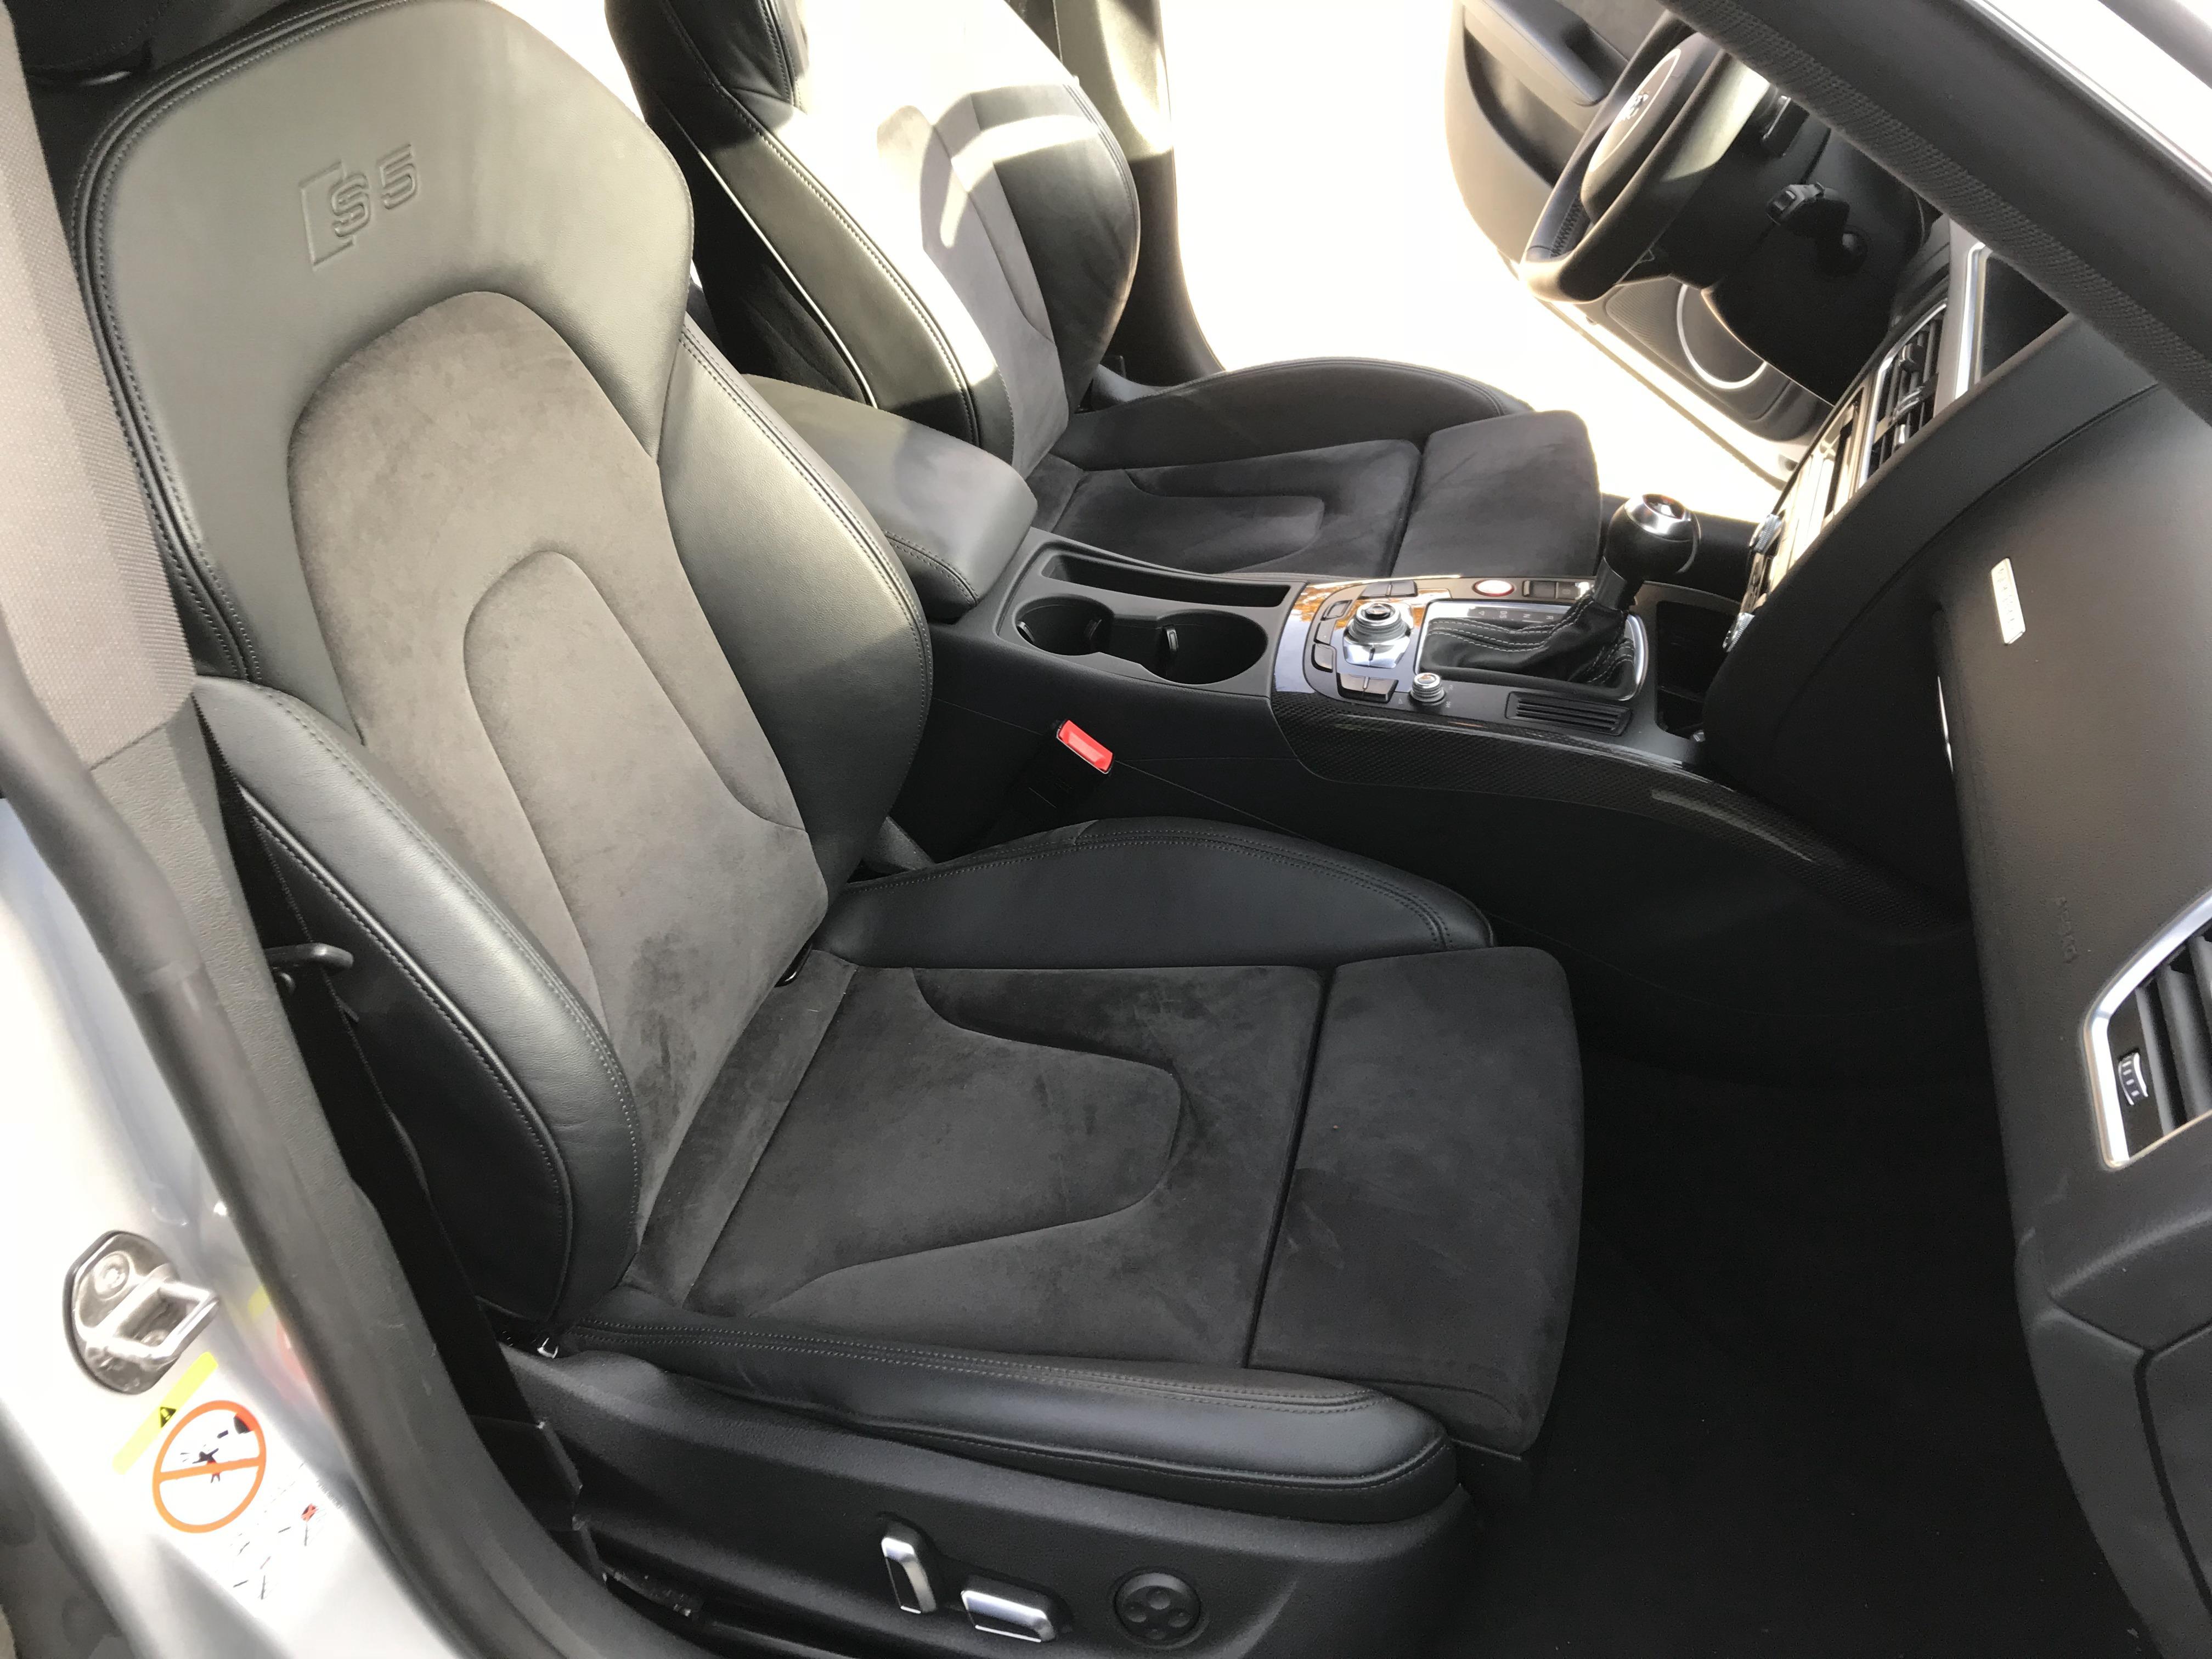 Покупка на кола от Германия - Audi S5 Sportback 2013 3.0 TFSI 333 к.с. Quattro - 33500 Evro - 06.10.2017 (9.2)